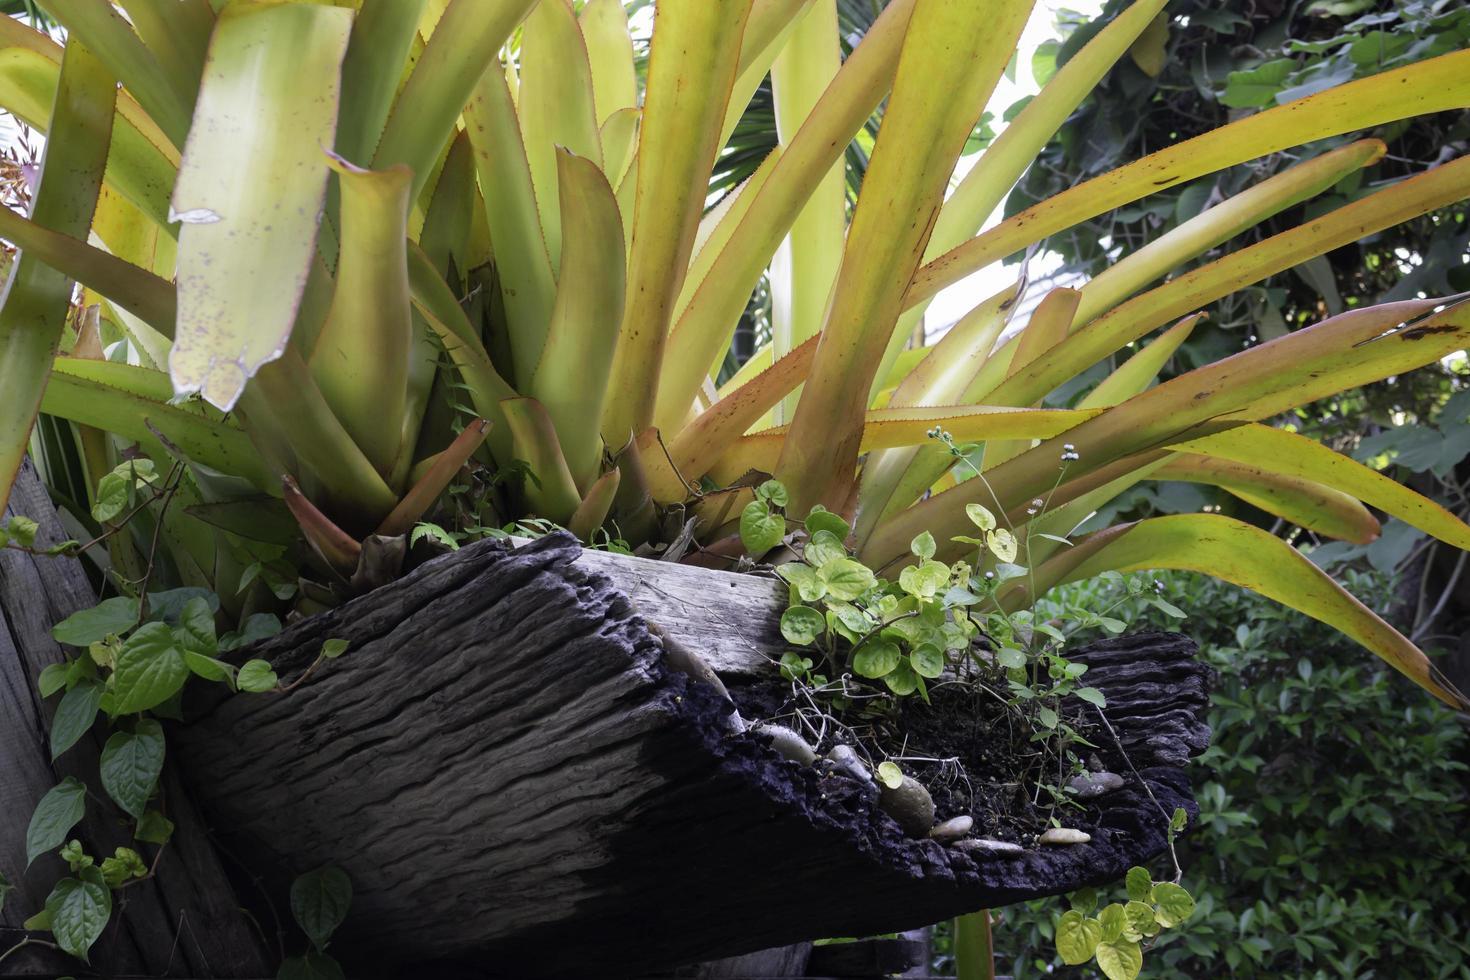 sierplanten in de tuin foto